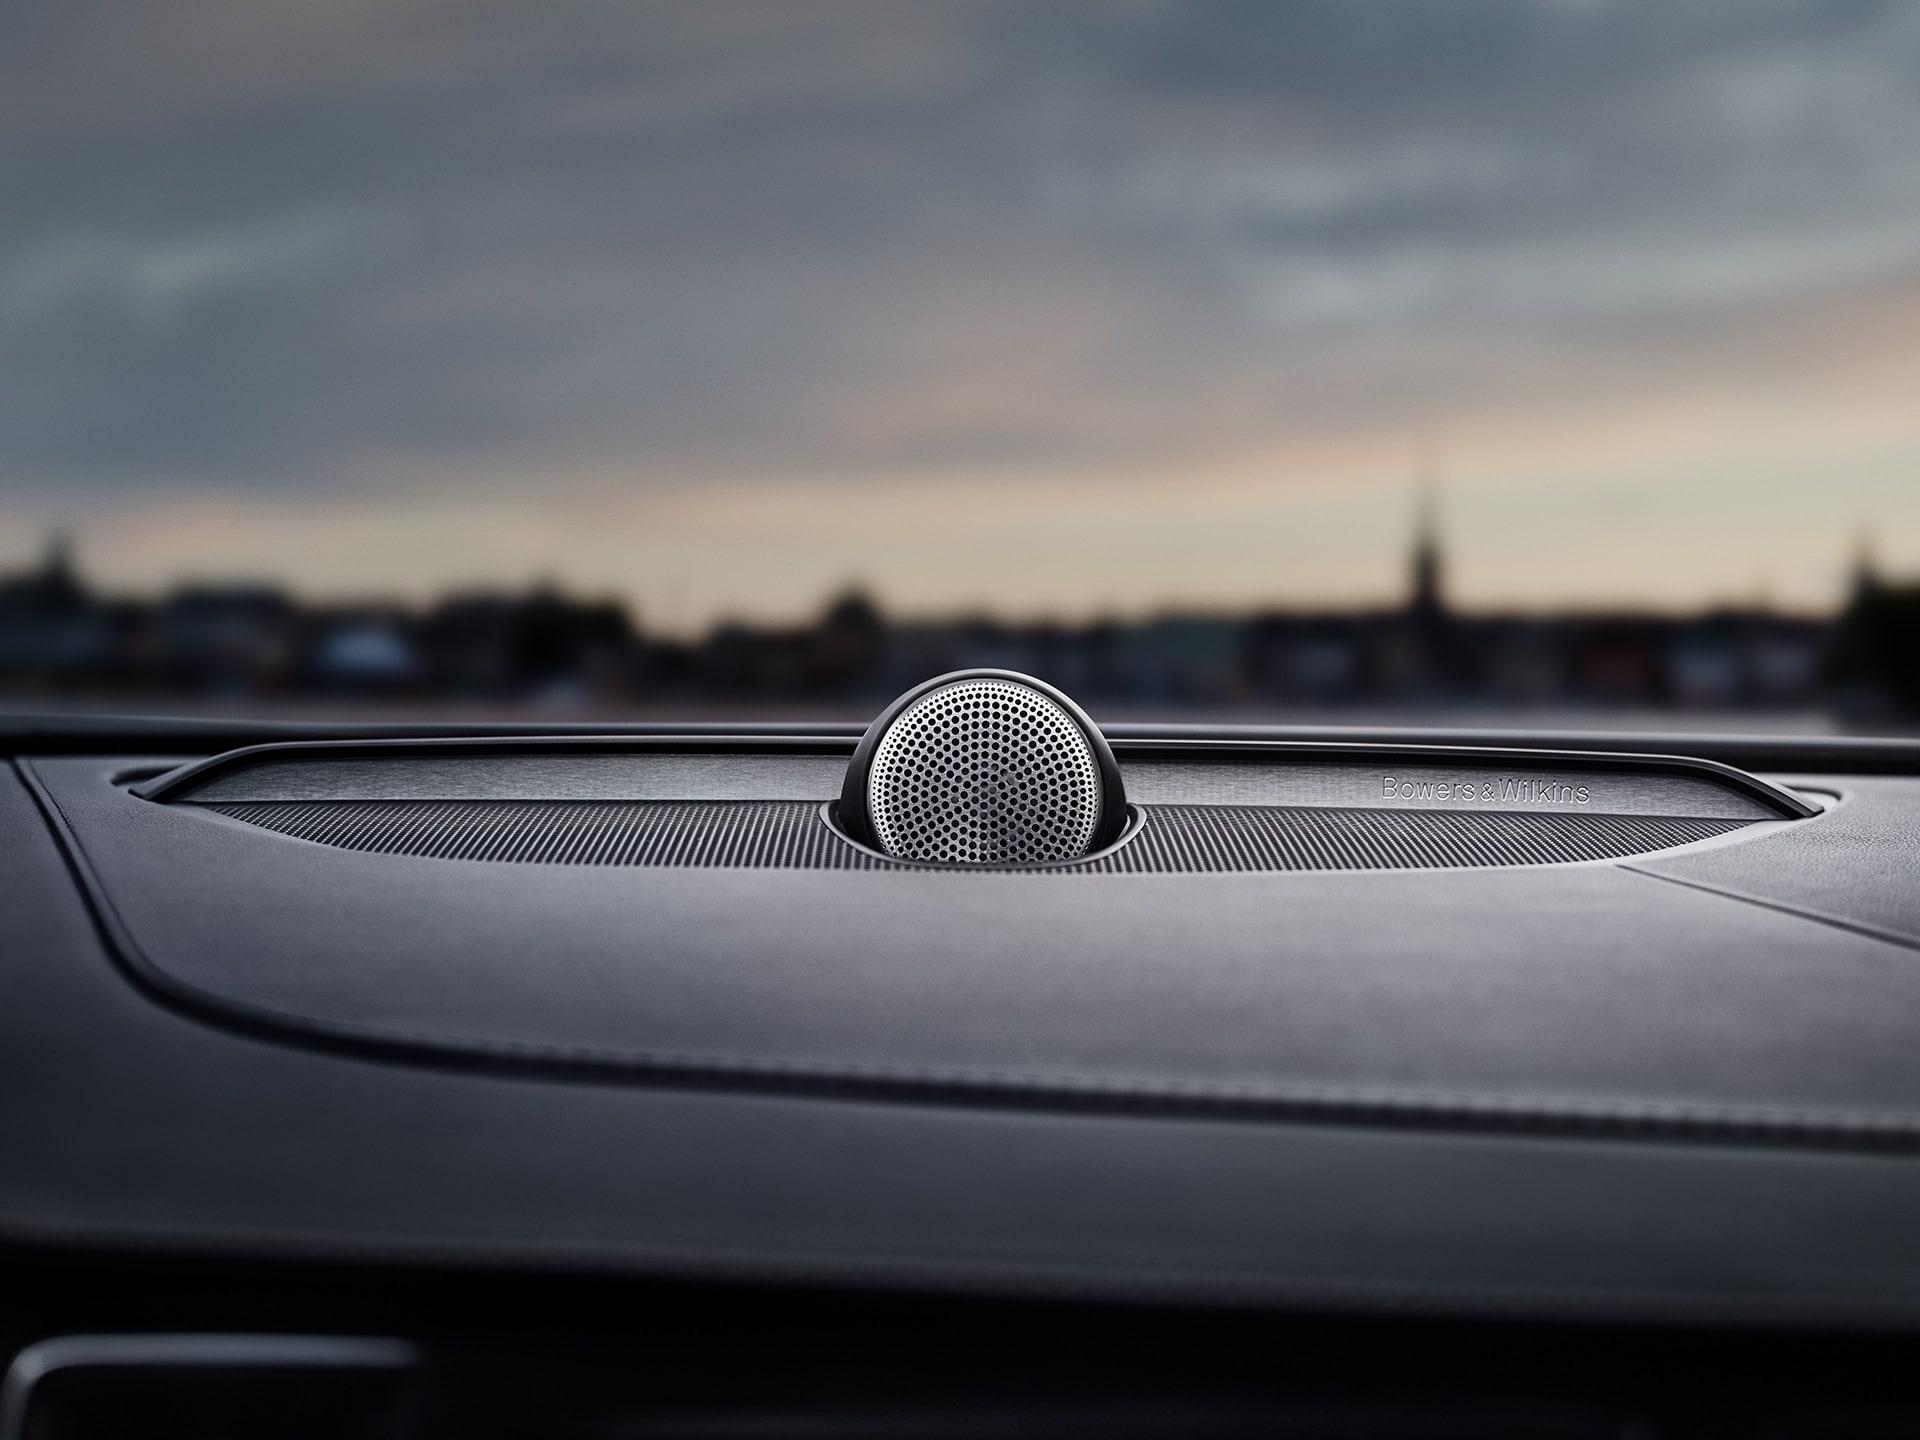 Altavoces Bowers & Wilkins en el interior de un Volvo XC90 Recharge